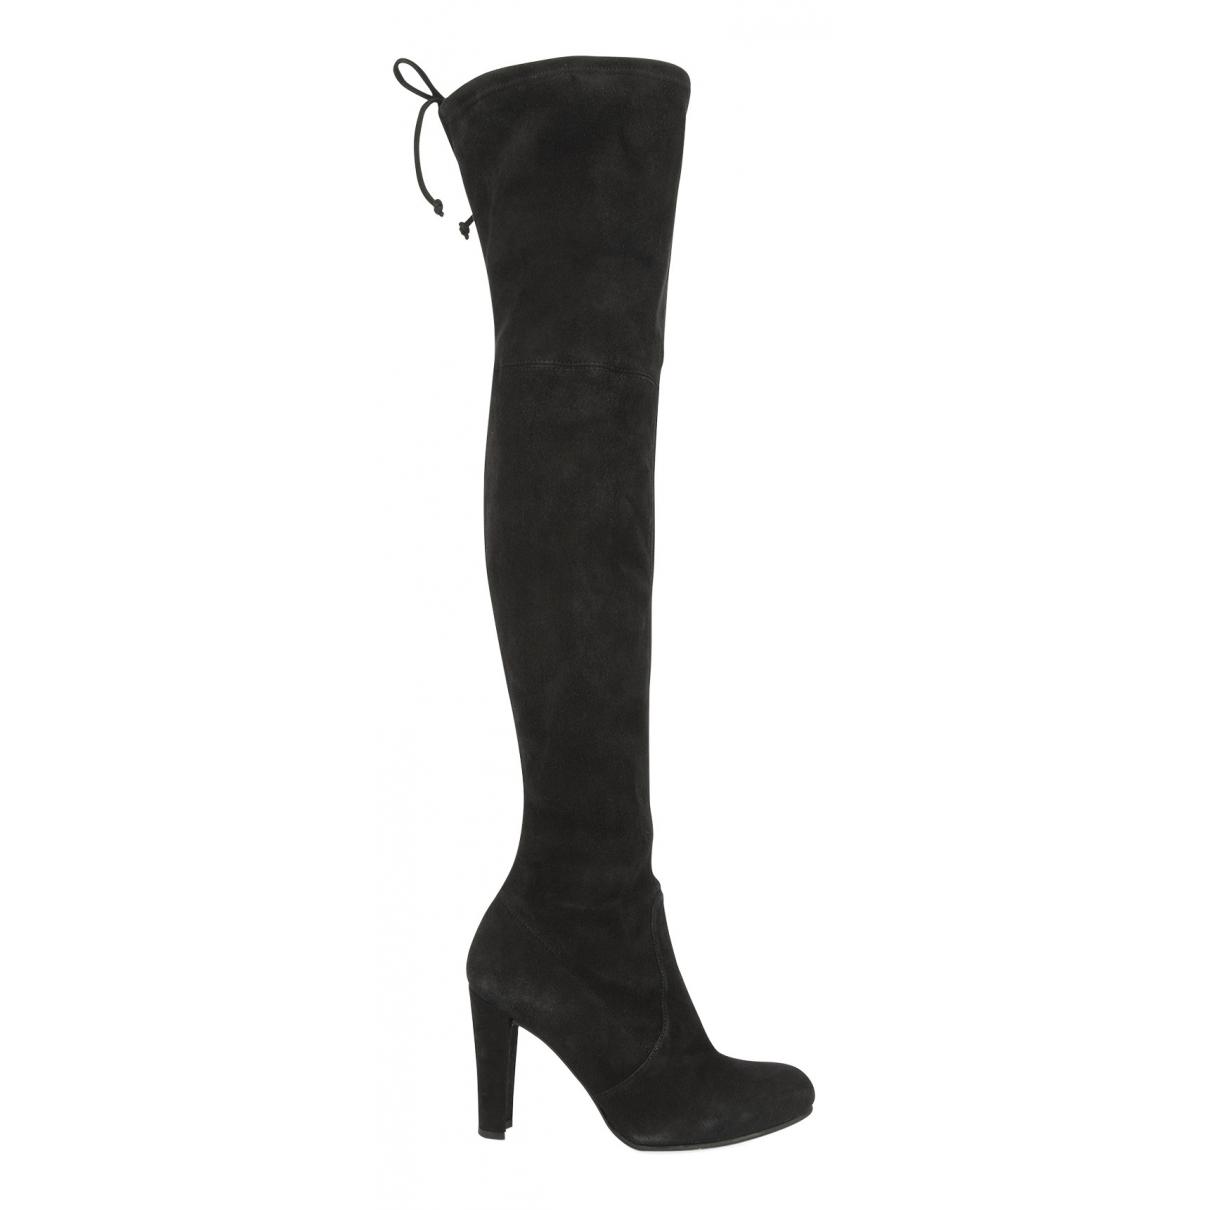 Stuart Weitzman N Black Suede Boots for Women 2.5 UK